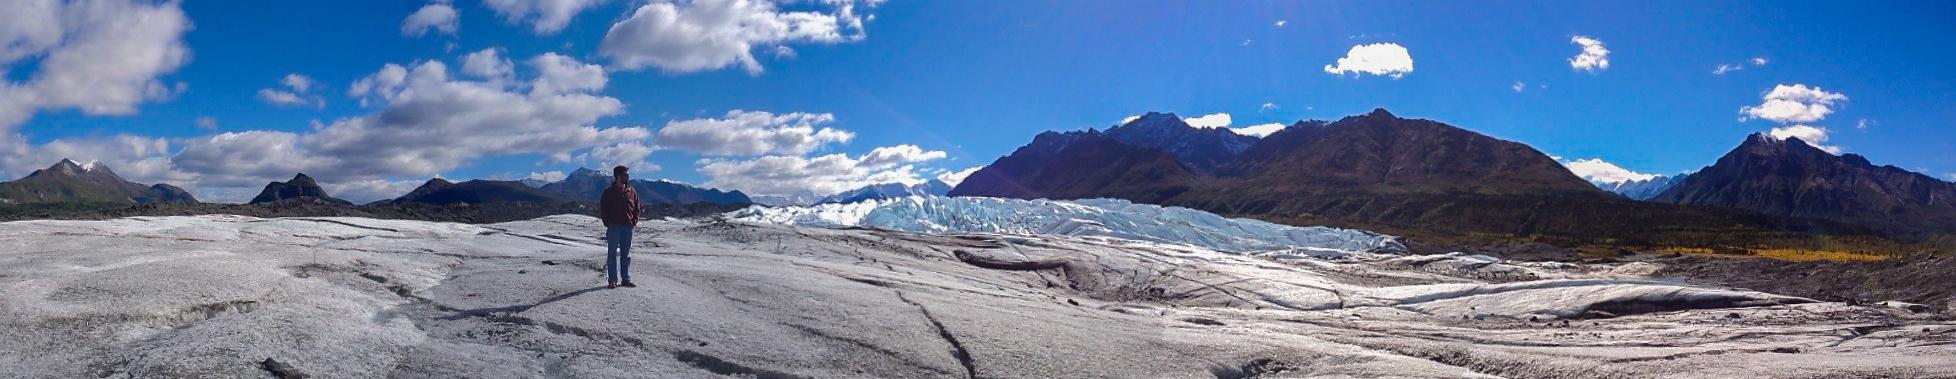 Standing on the Matanuska Glacier